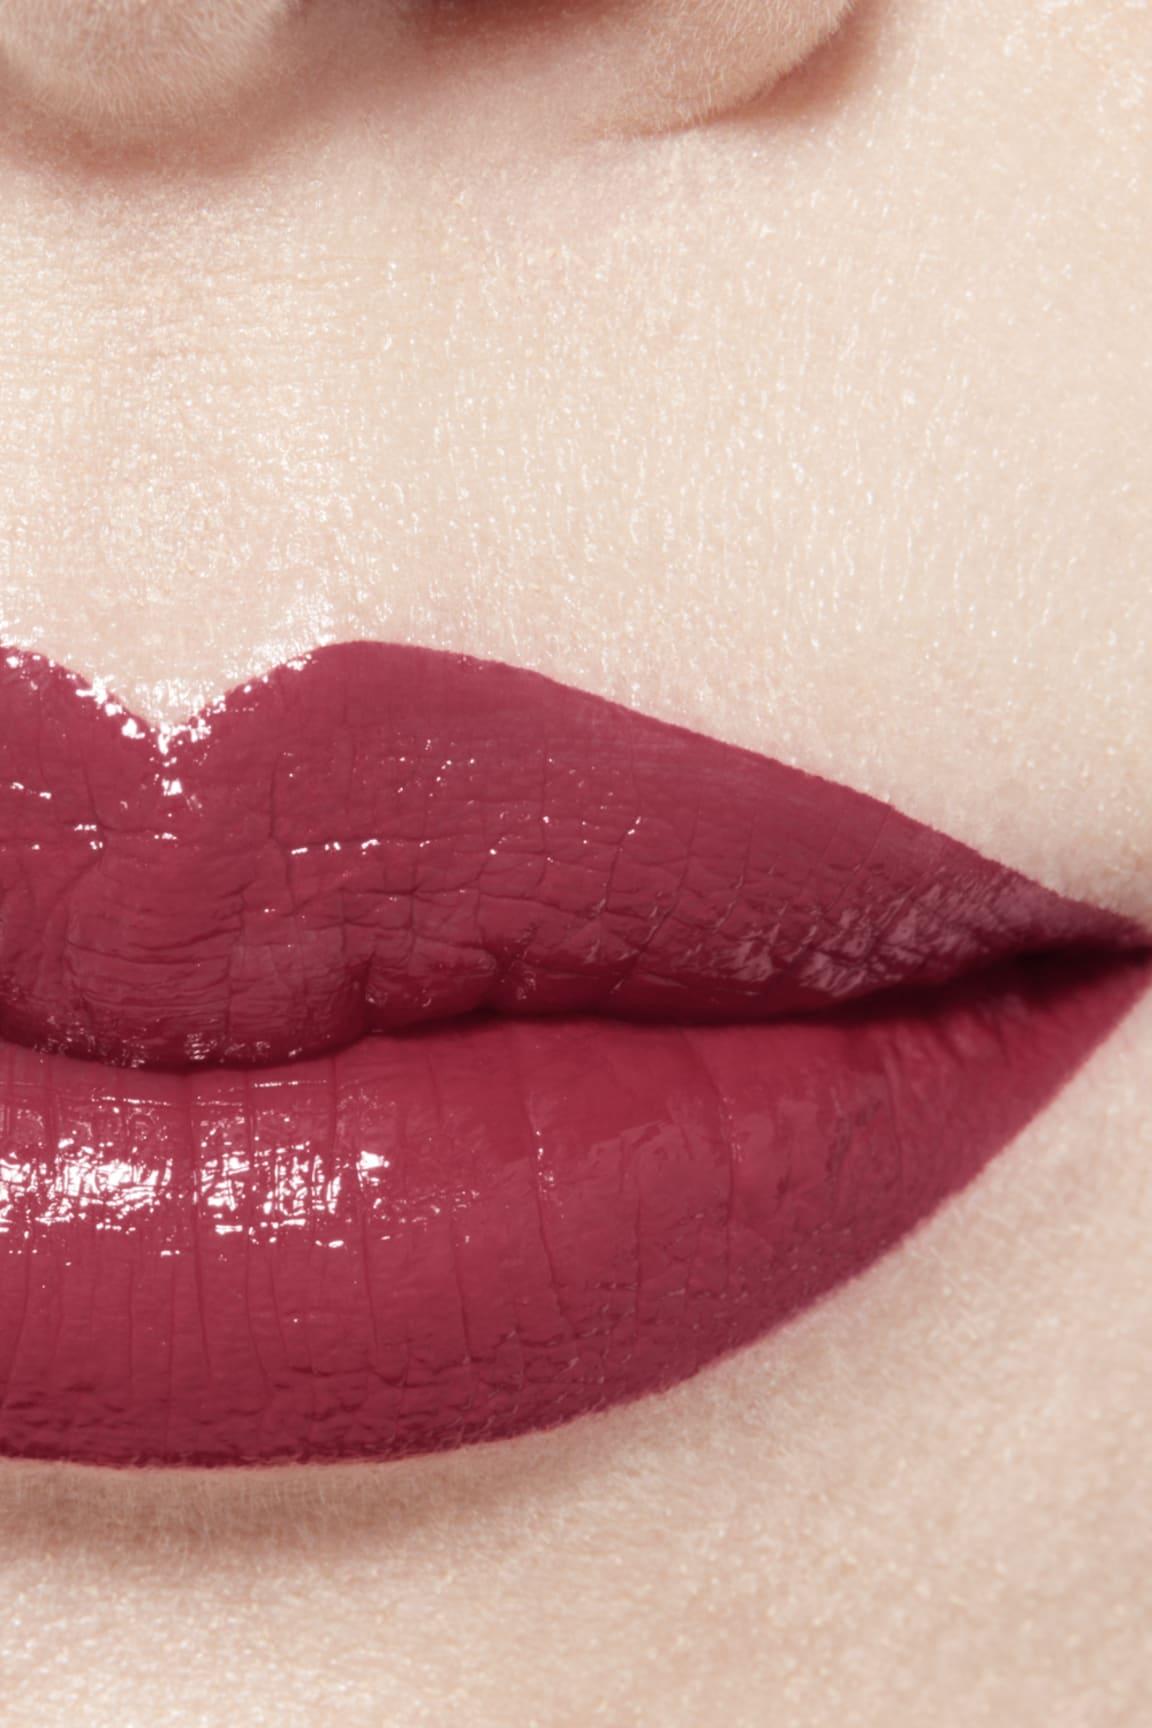 Imagen aplicación de maquillaje 1 - ROUGE ALLURE LAQUE 66 - PERMANENT